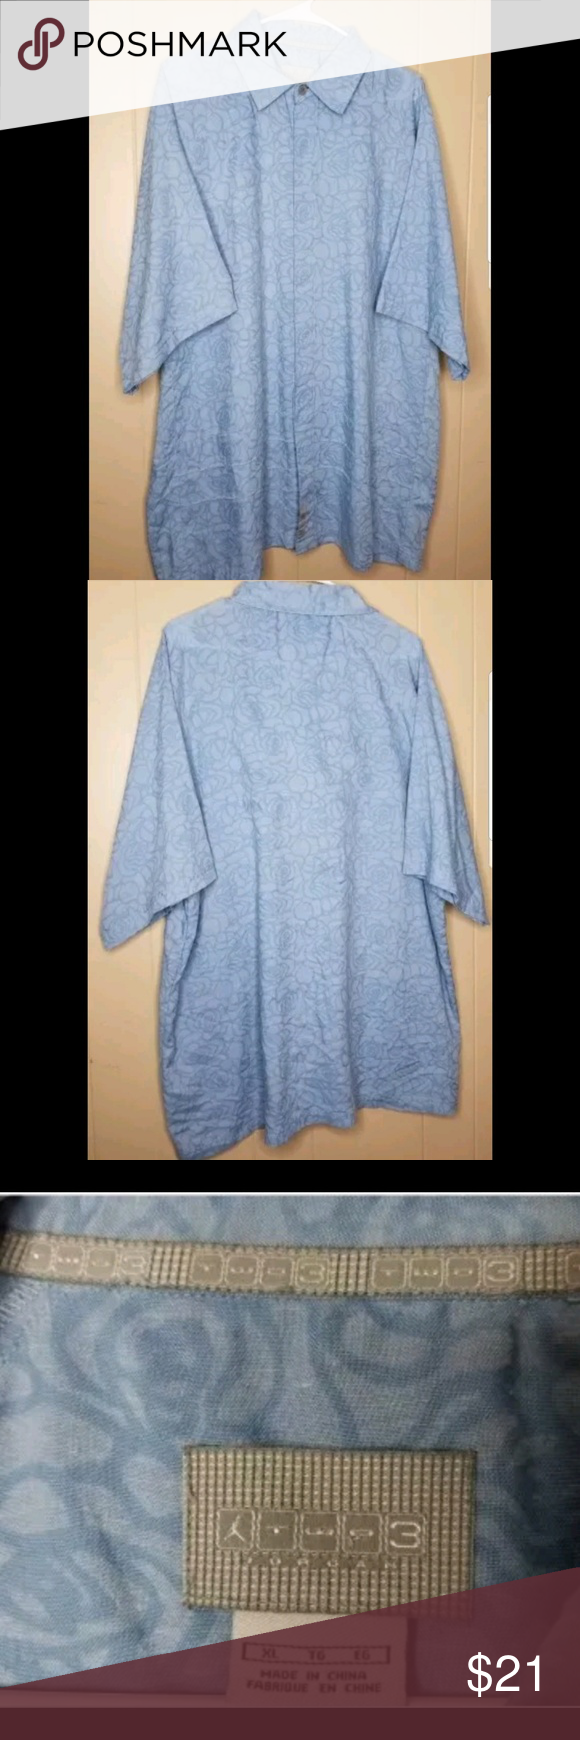 d7825aa4800978 Vtg Michael Jordan Two3 Button Up Shirt XL Blue Vtg Michael Jordan Two3  Button Up Shirt XL Retro Rare Jumpman Blue Pattern Length  33